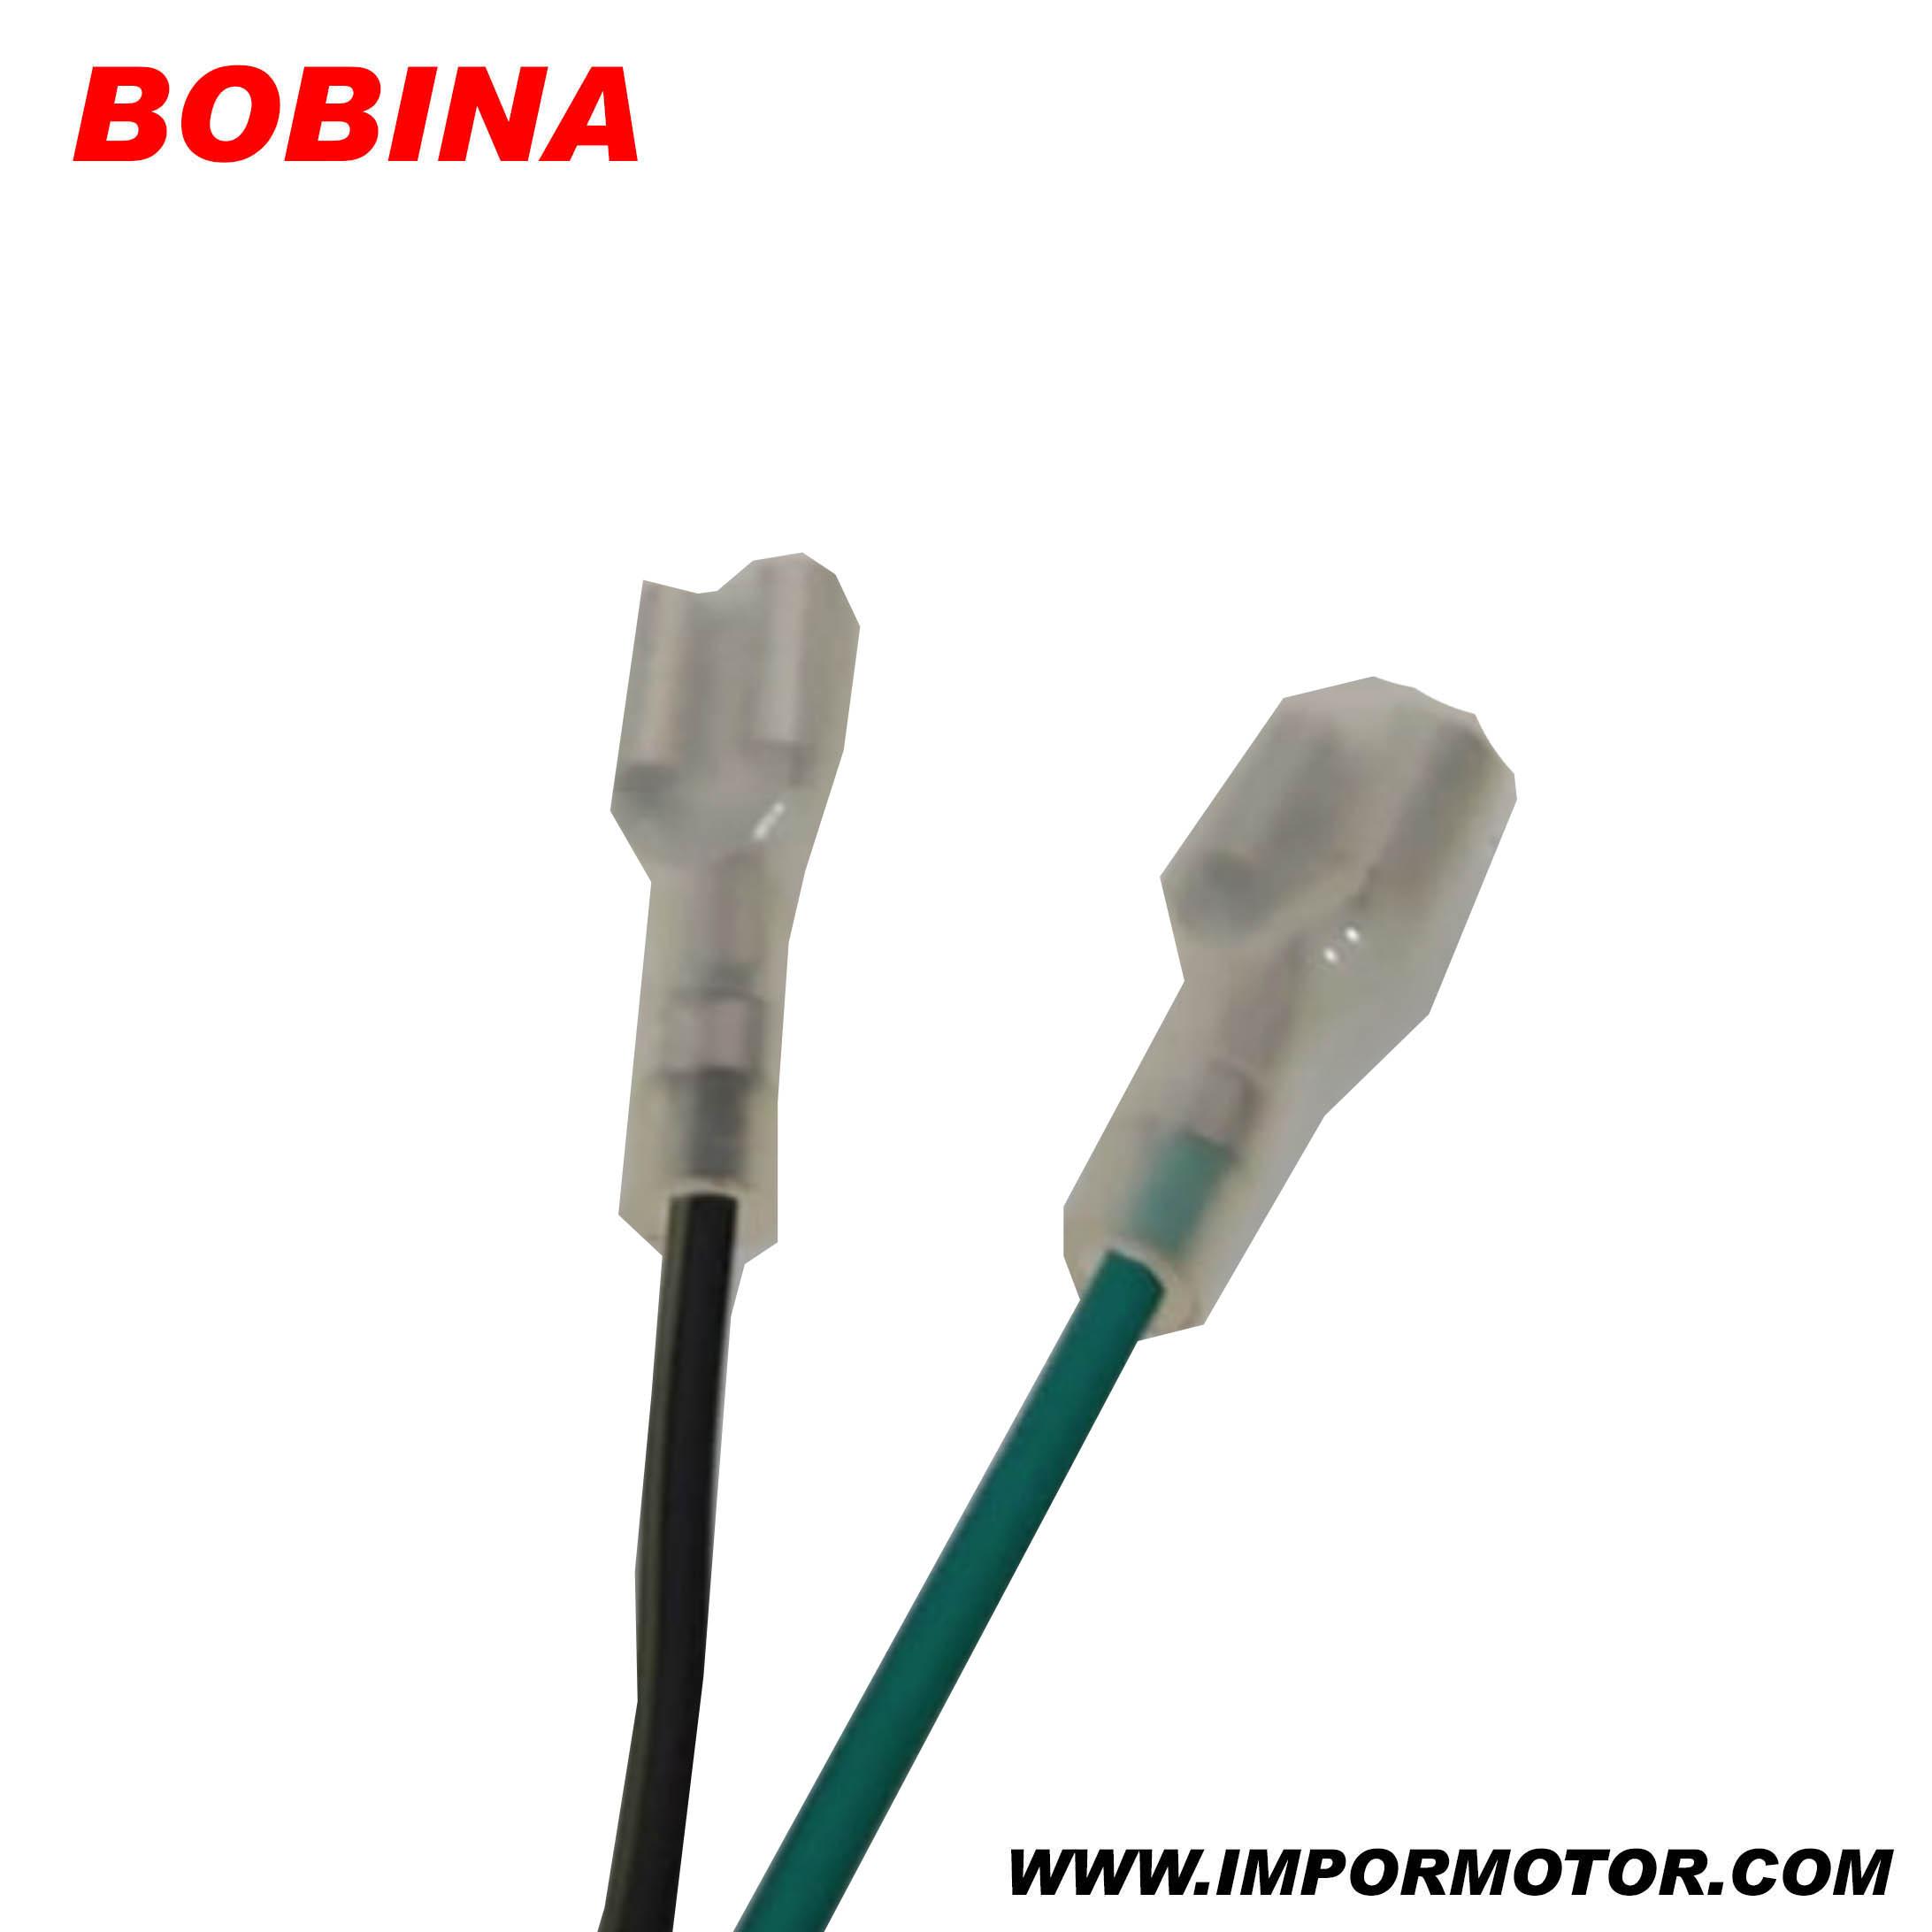 BOBINA-3.jpg